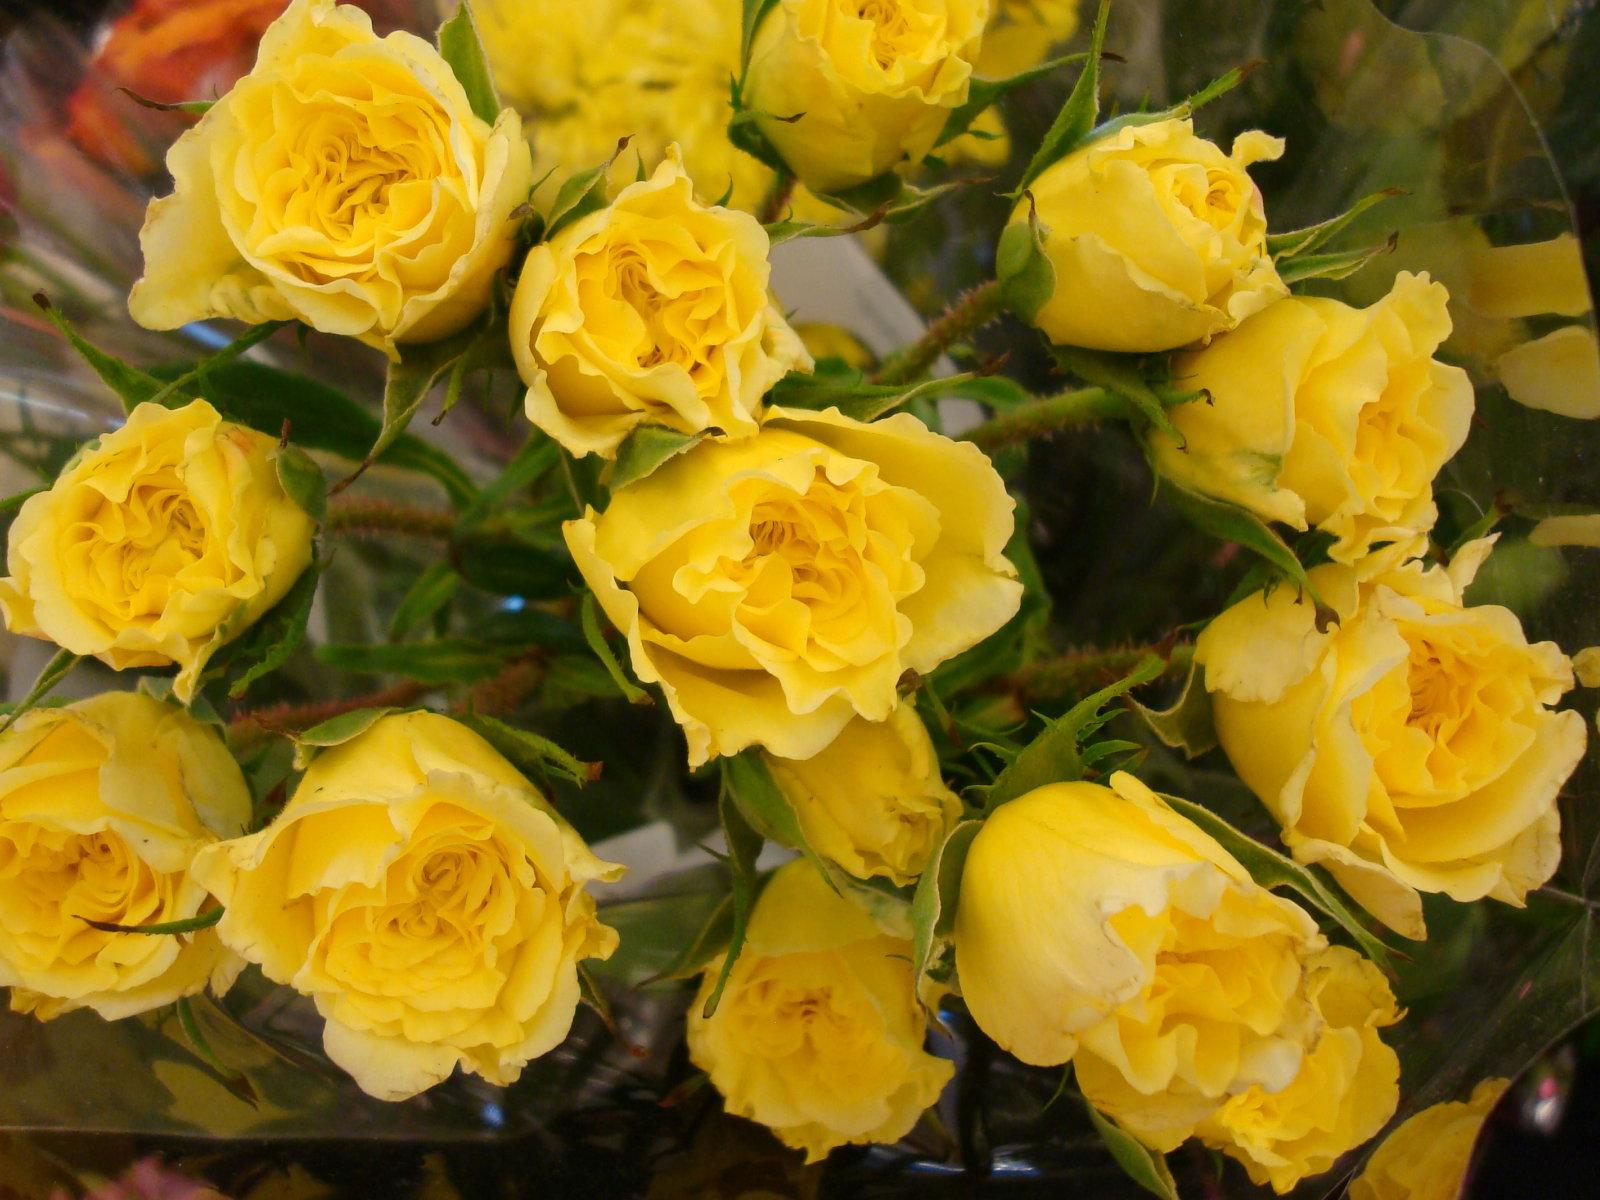 Yellow Rose Wallpaper Flowers Nature Wallpapers Source Free WallpaperSafari